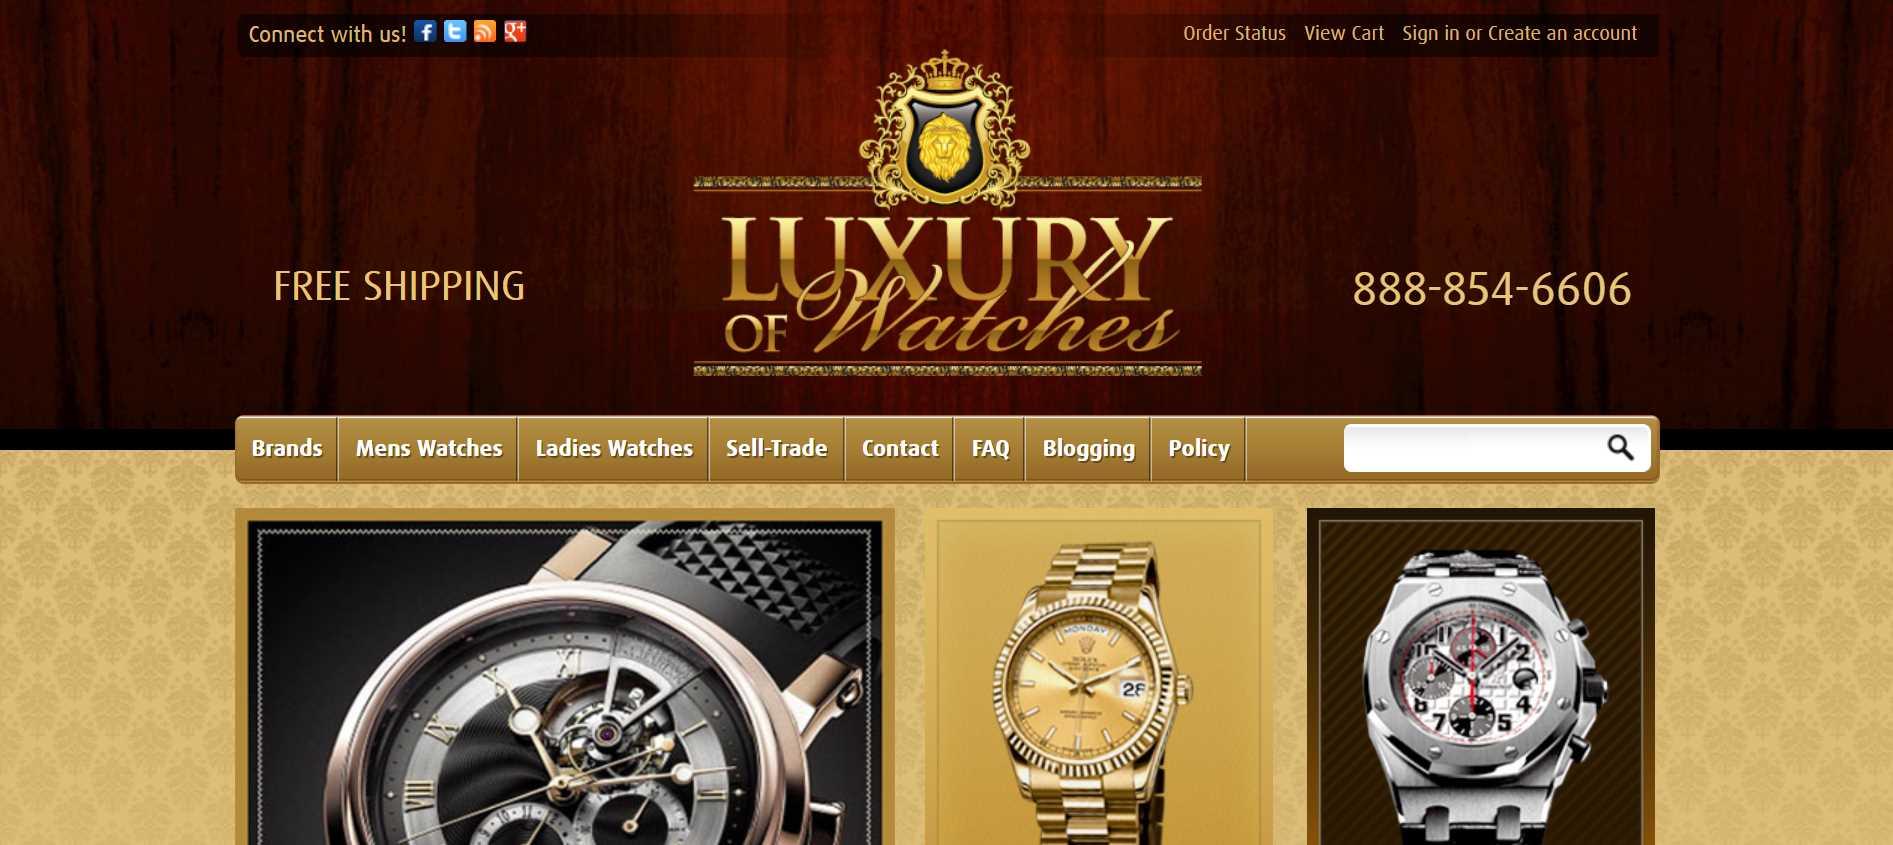 luxuryofwatches online